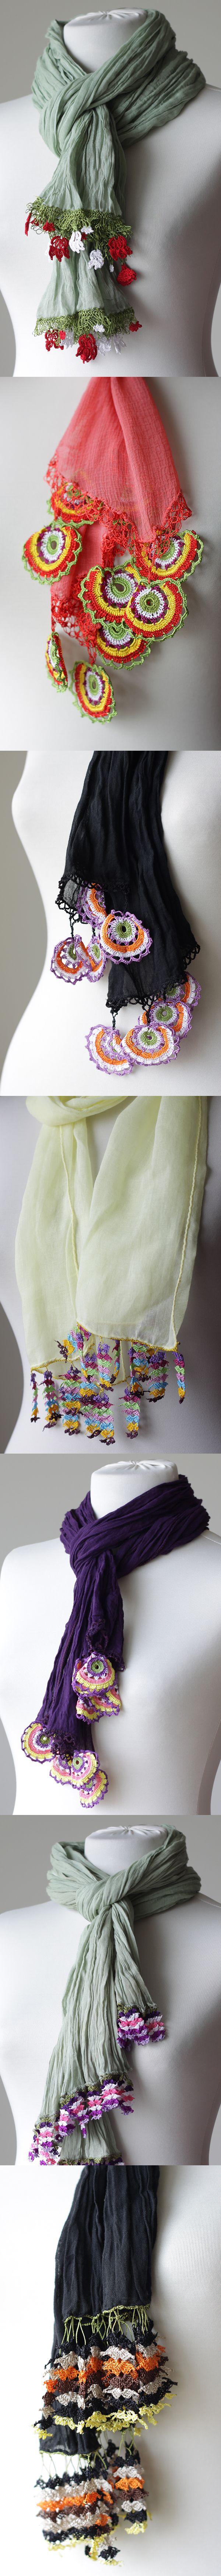 Crochet or Oya